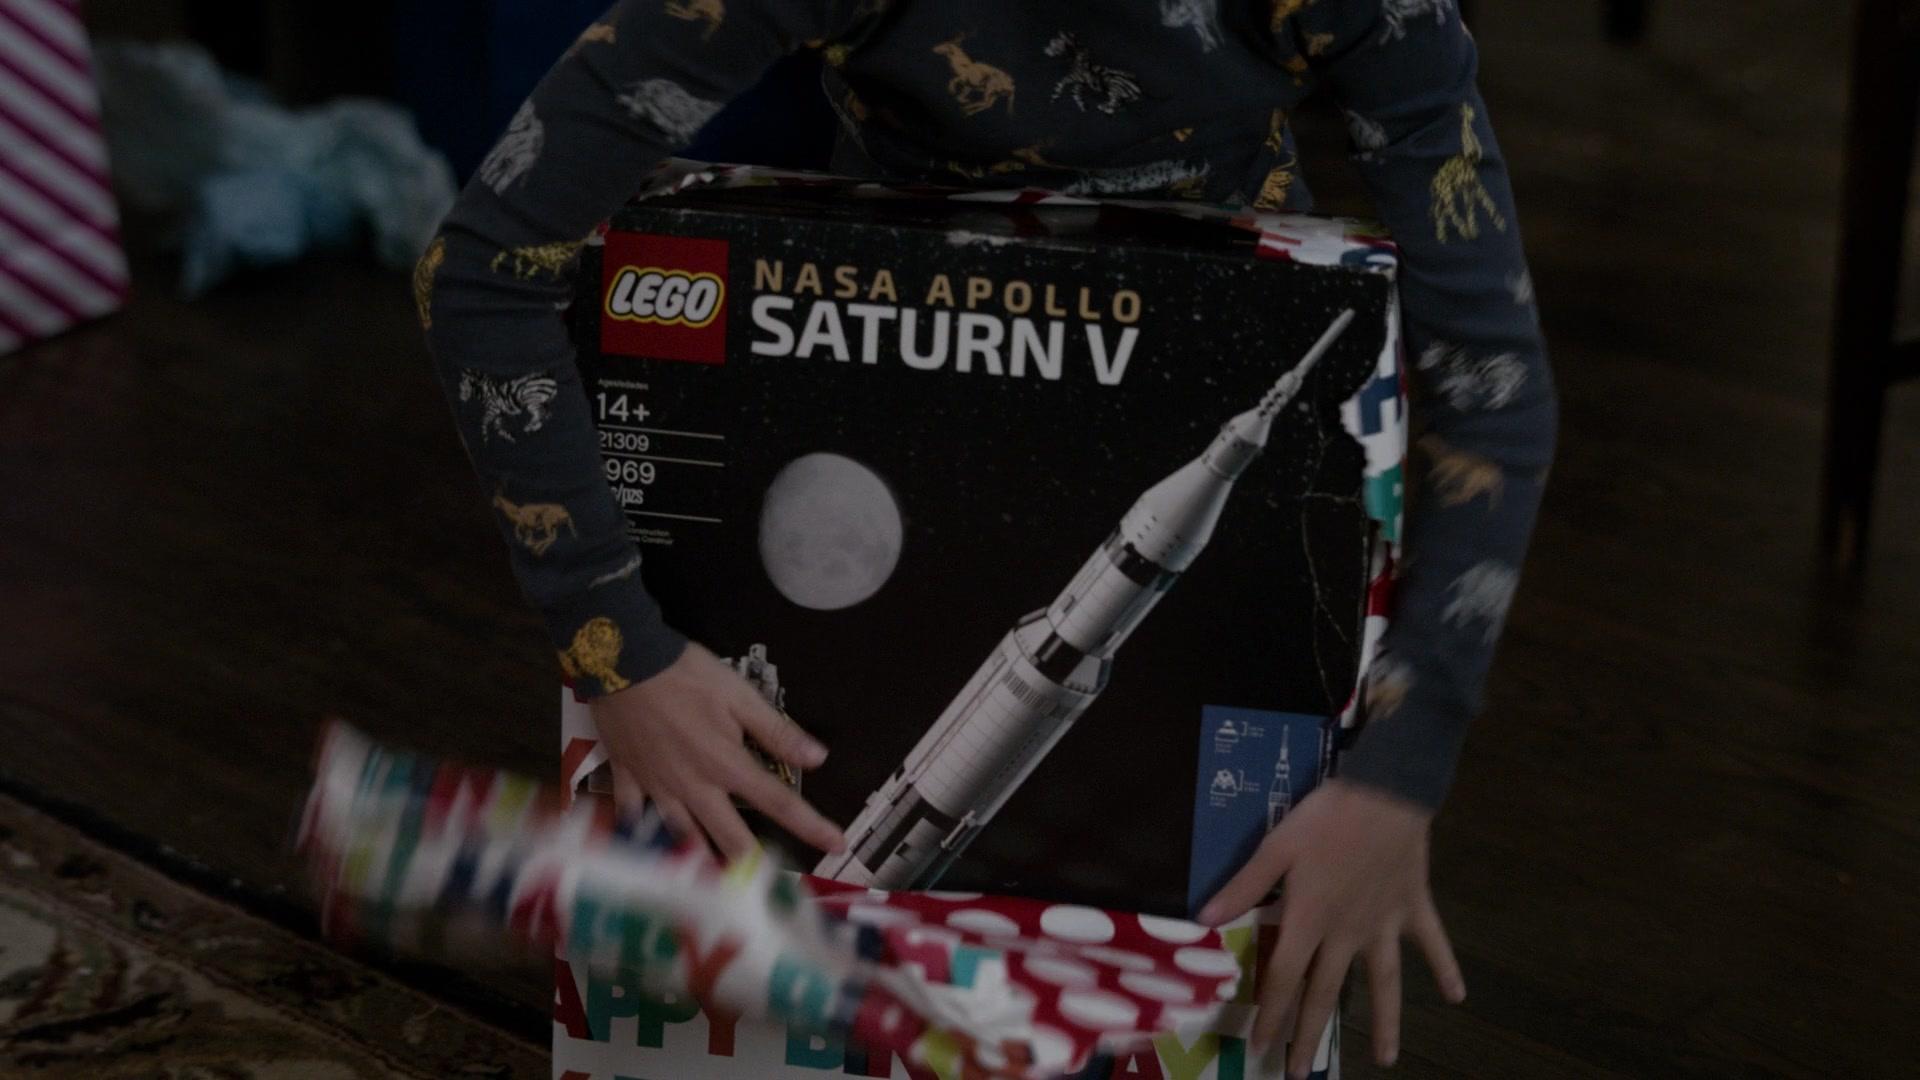 Lego NASA Apollo Saturn V in The Code - Season 1, Episode 11